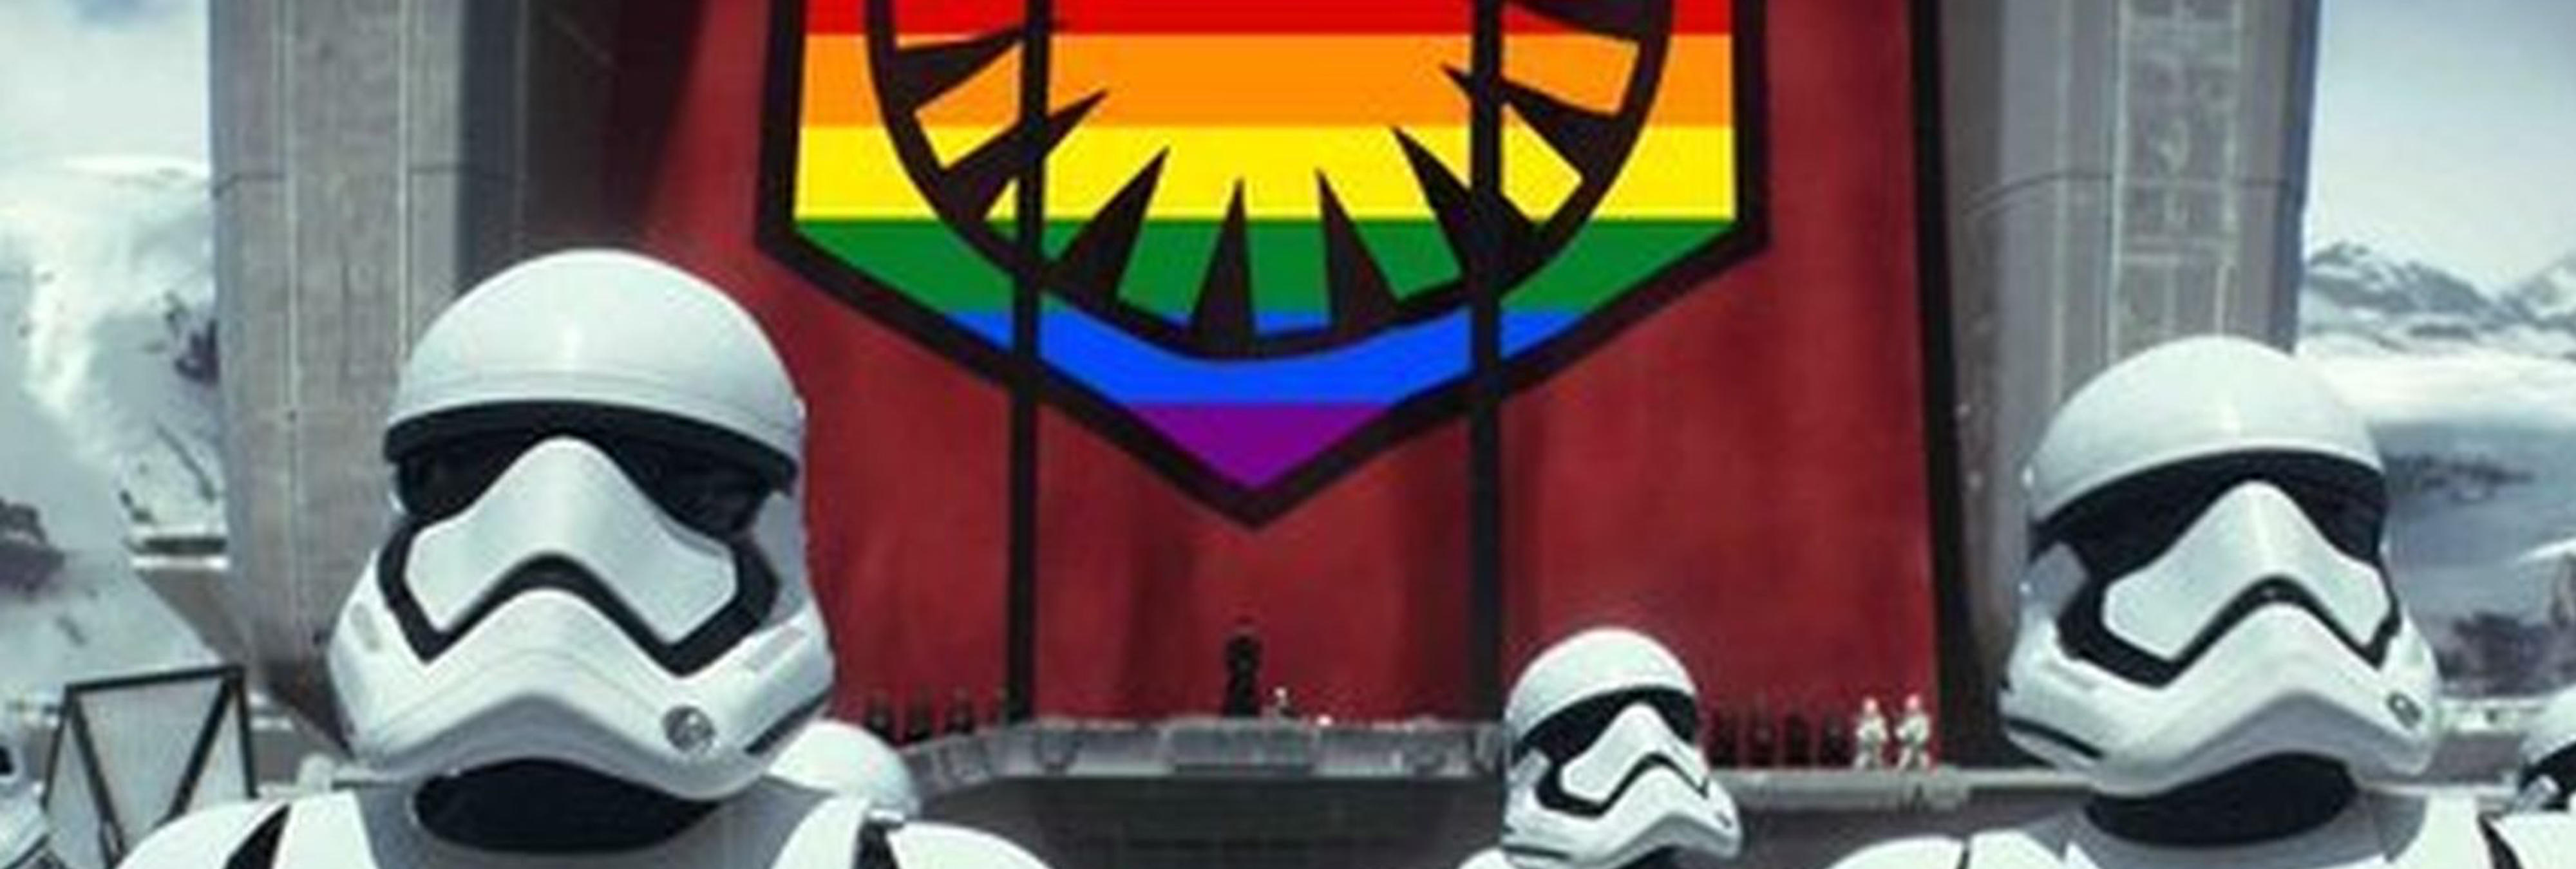 Una política australiana asegura que los gays utilizan un programa nazi para controlar todas las mentes